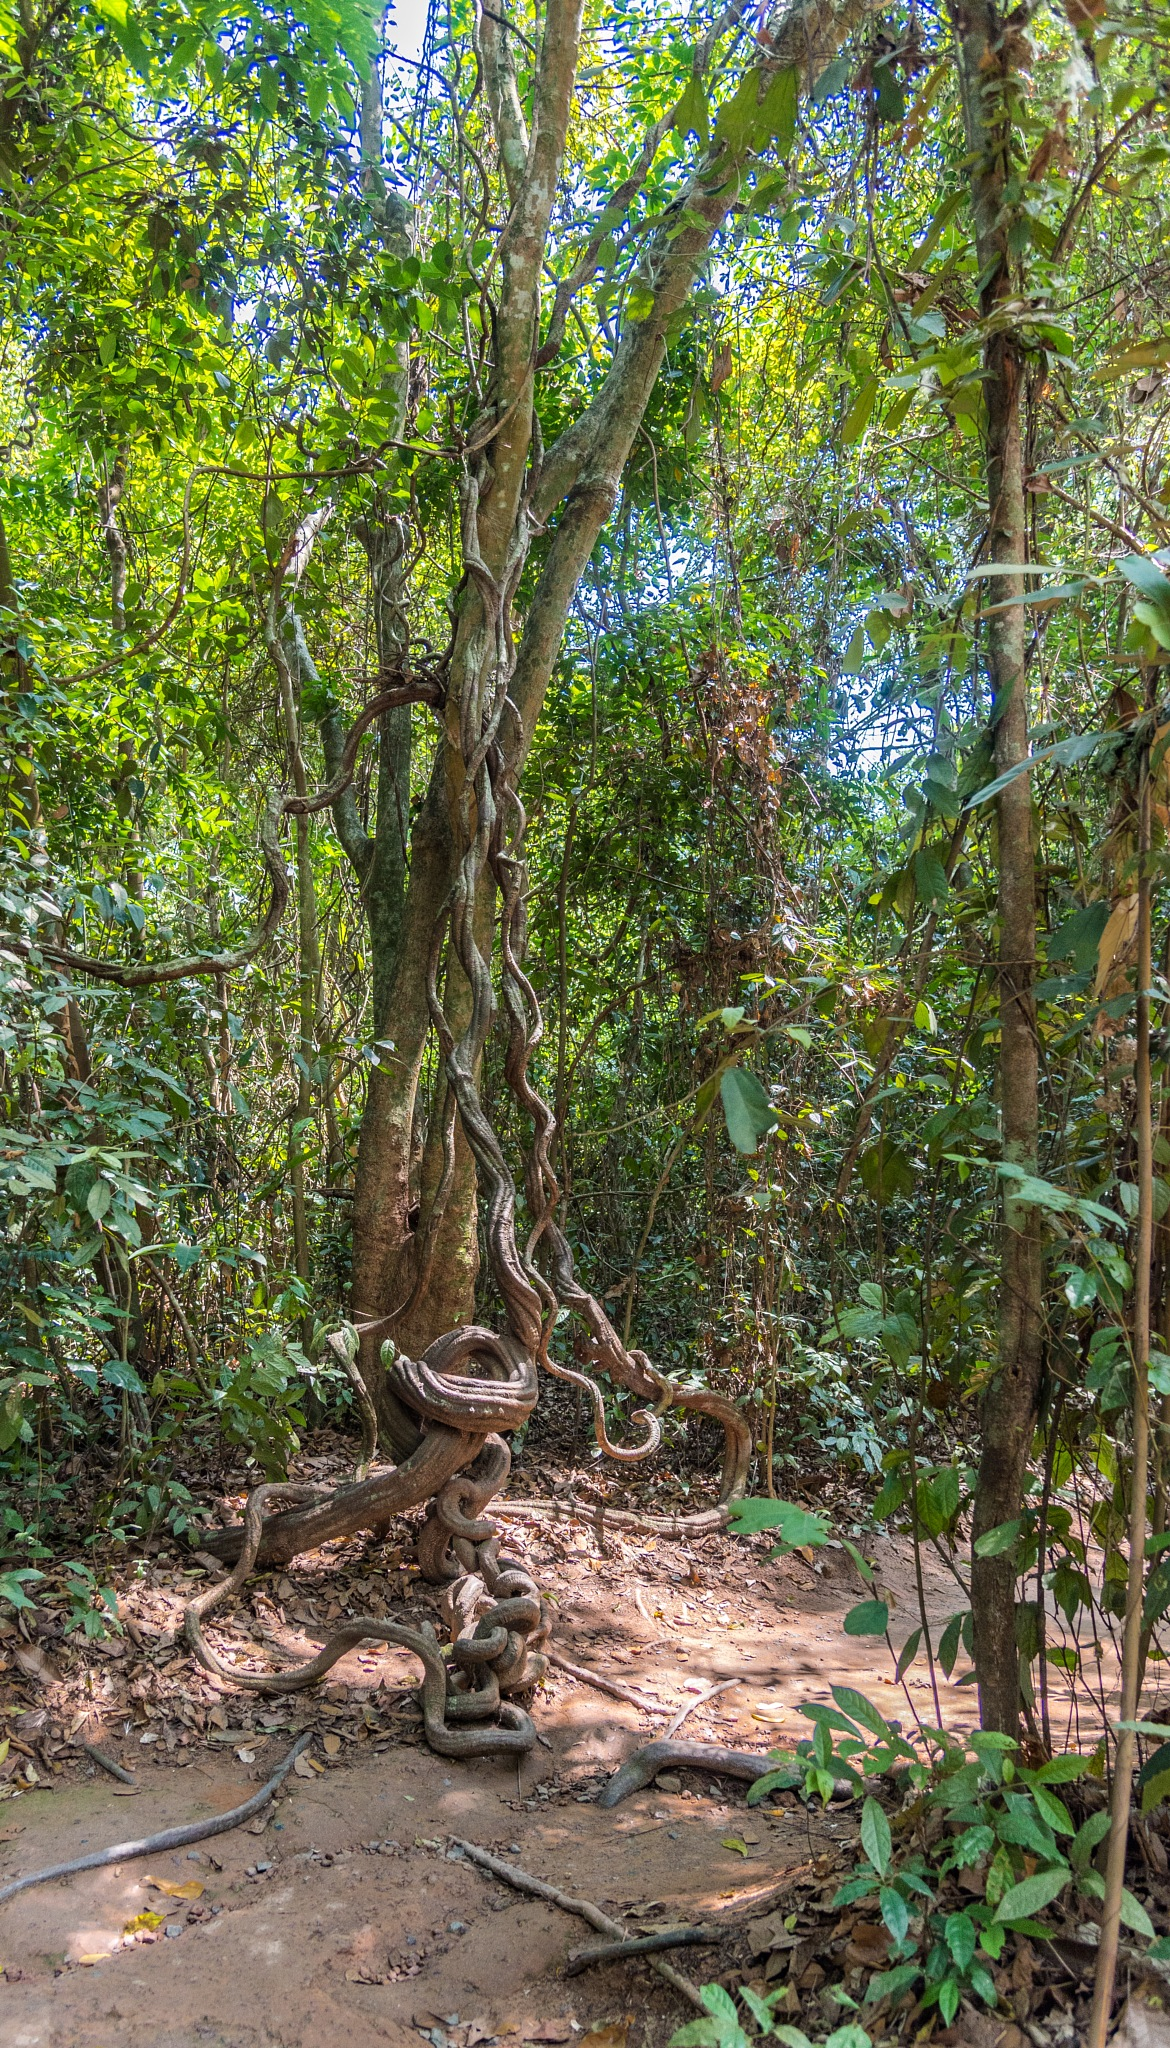 TWISTY TREE by DrJohnHodgson